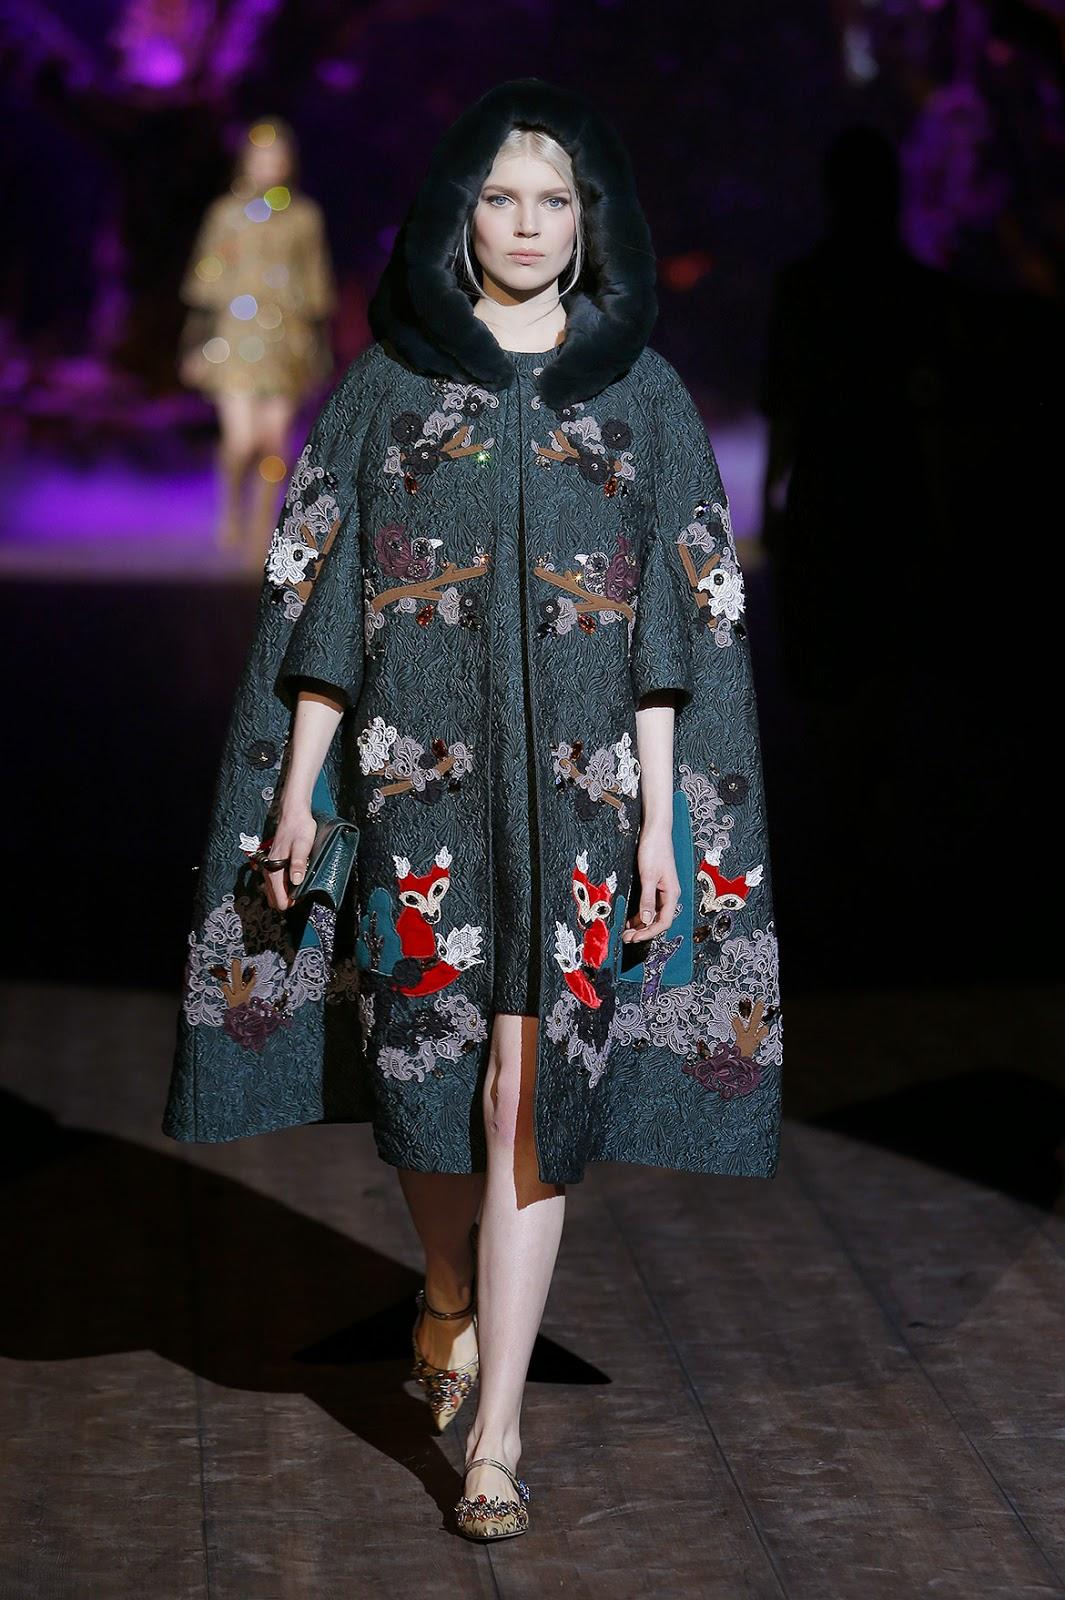 http://www.dolcegabbana.com/woman/Dolce&Gabbana colecção outono inverno 2014-2015